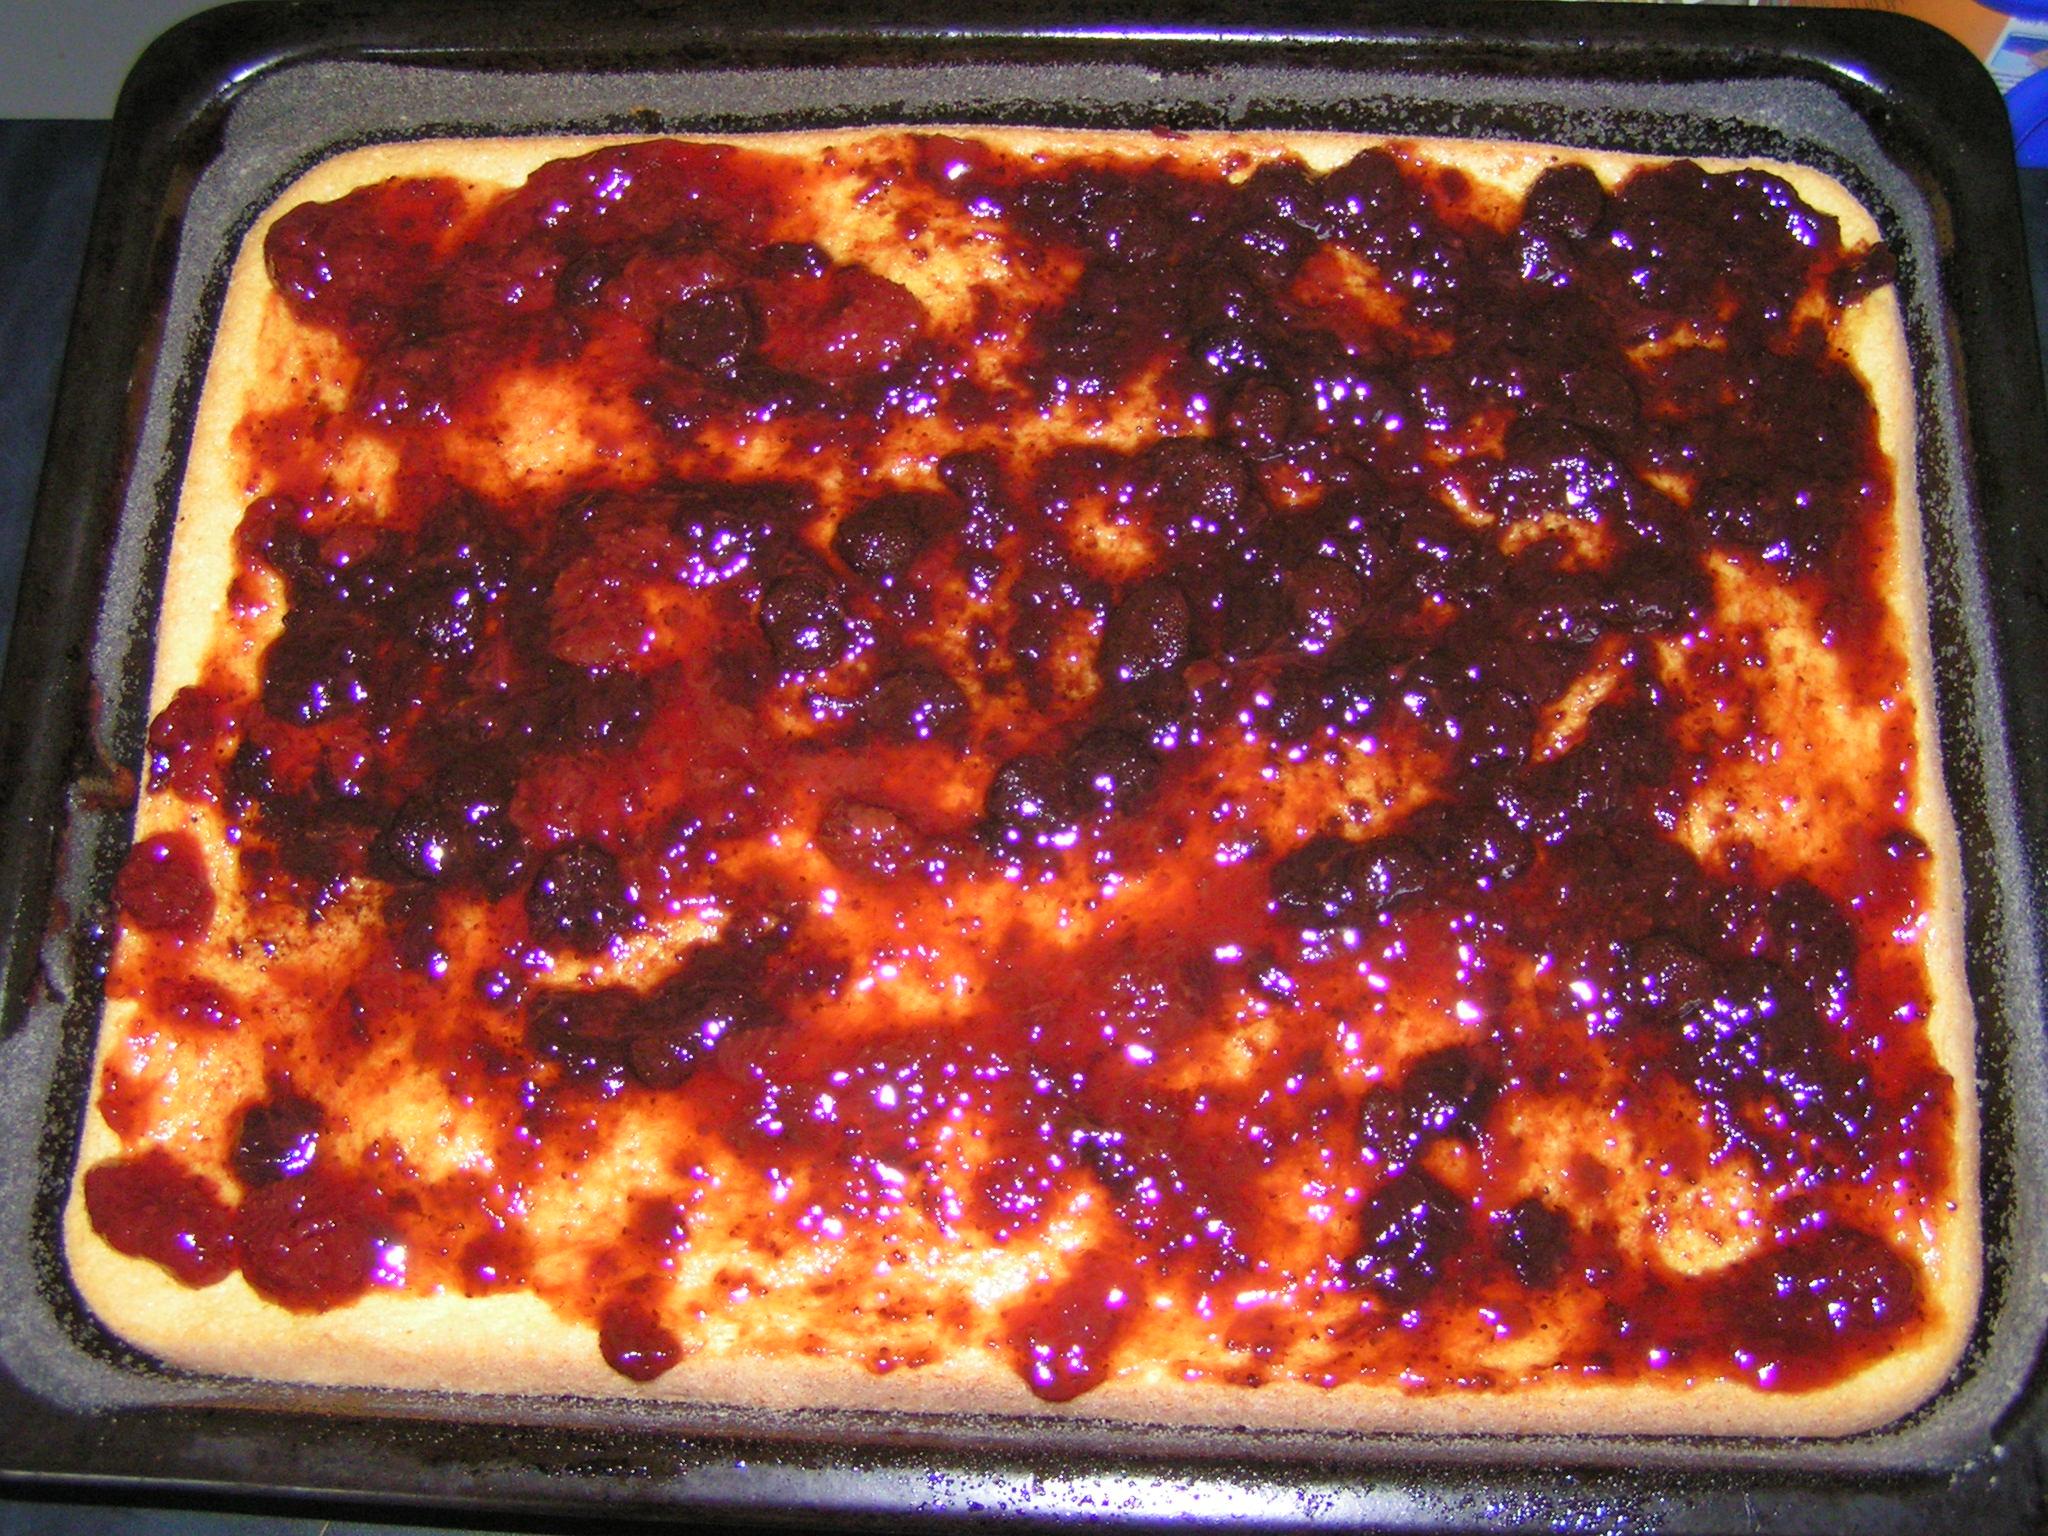 Recept Roláda s marmeládou - Již upečená roláda potřená marmeládou.